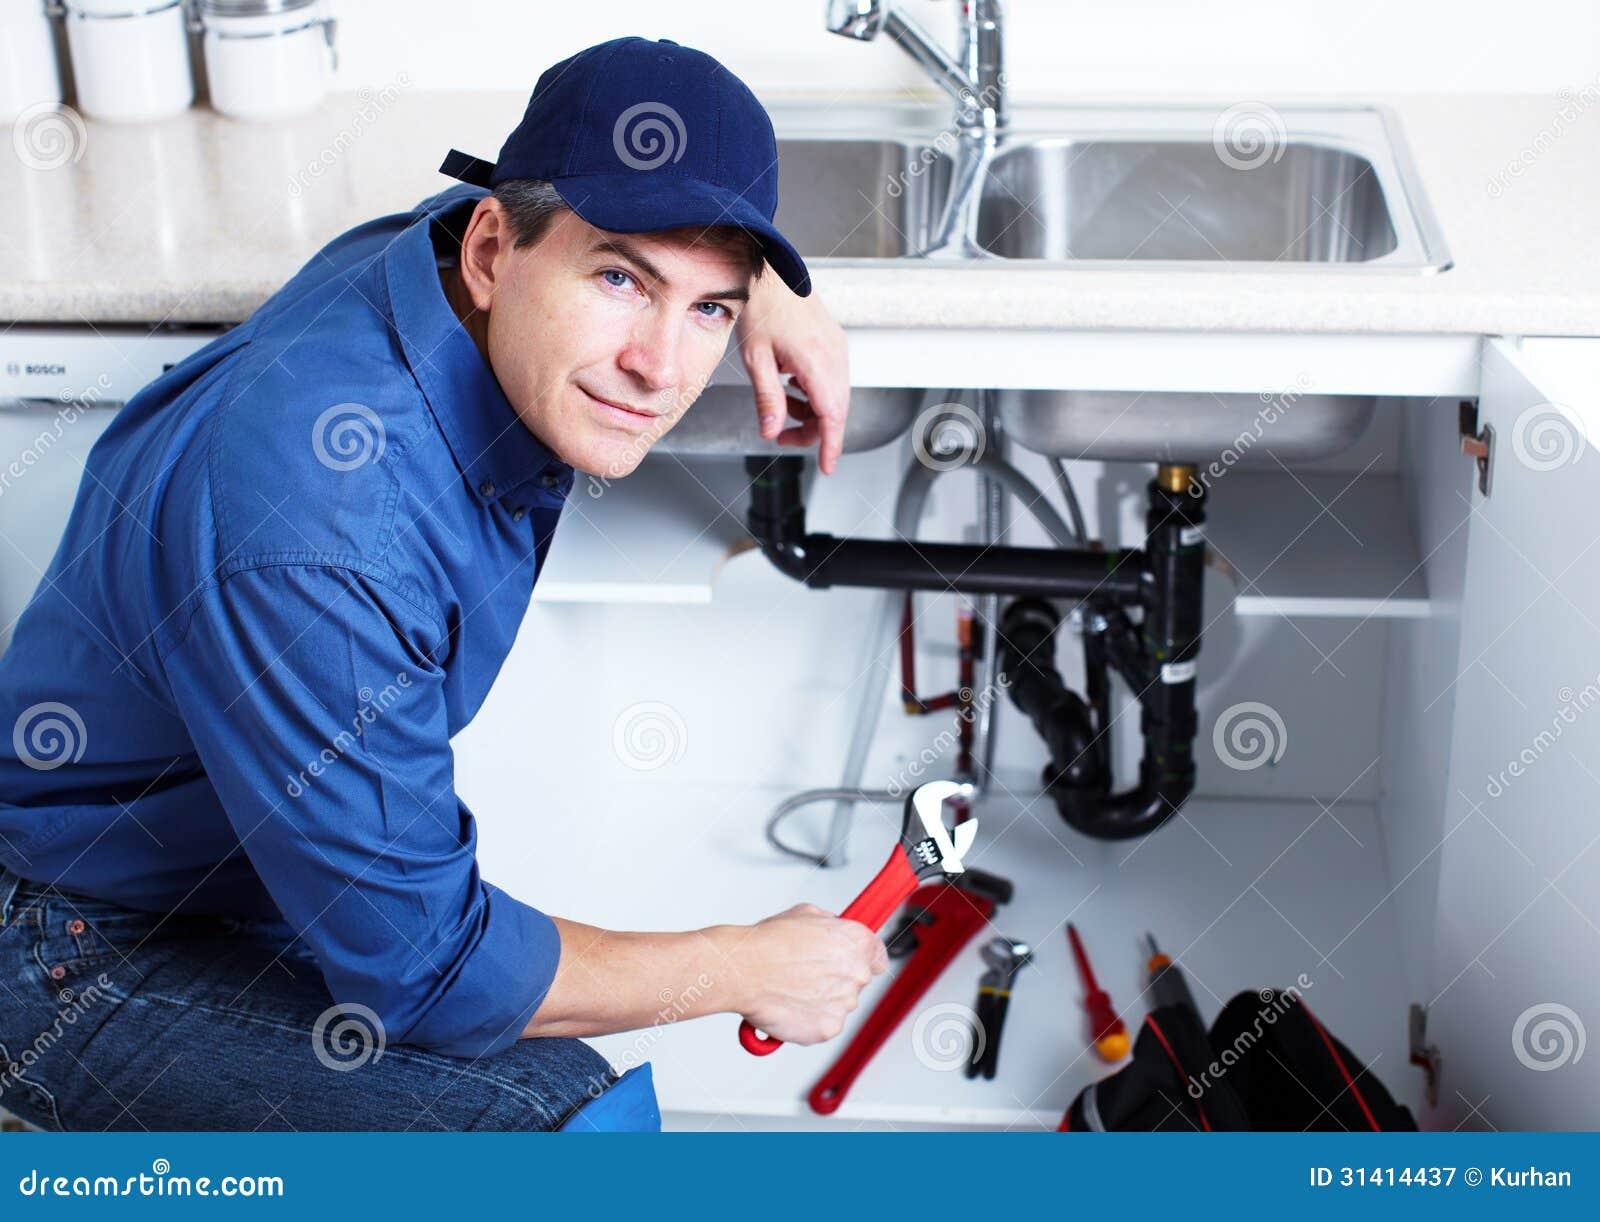 professional-plumber-plumbing-repair-service-31414437.jpg